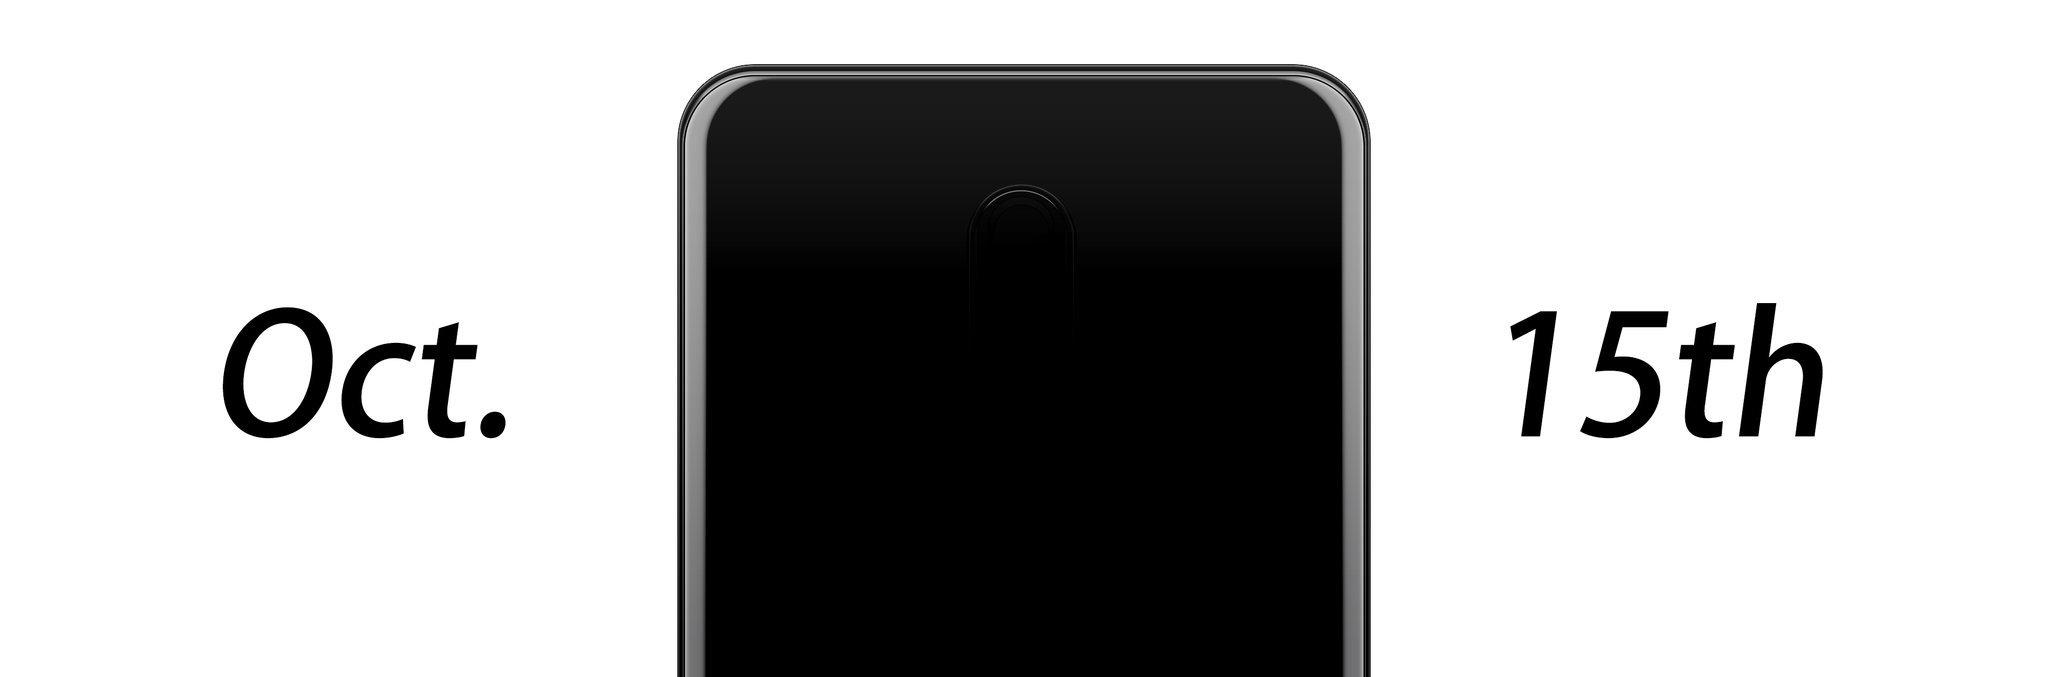 OnePlus 7T Pro Android TV telewizor OnePlus TV kiedy premiera plotki przecieki wycieki specyfikacja techniczna